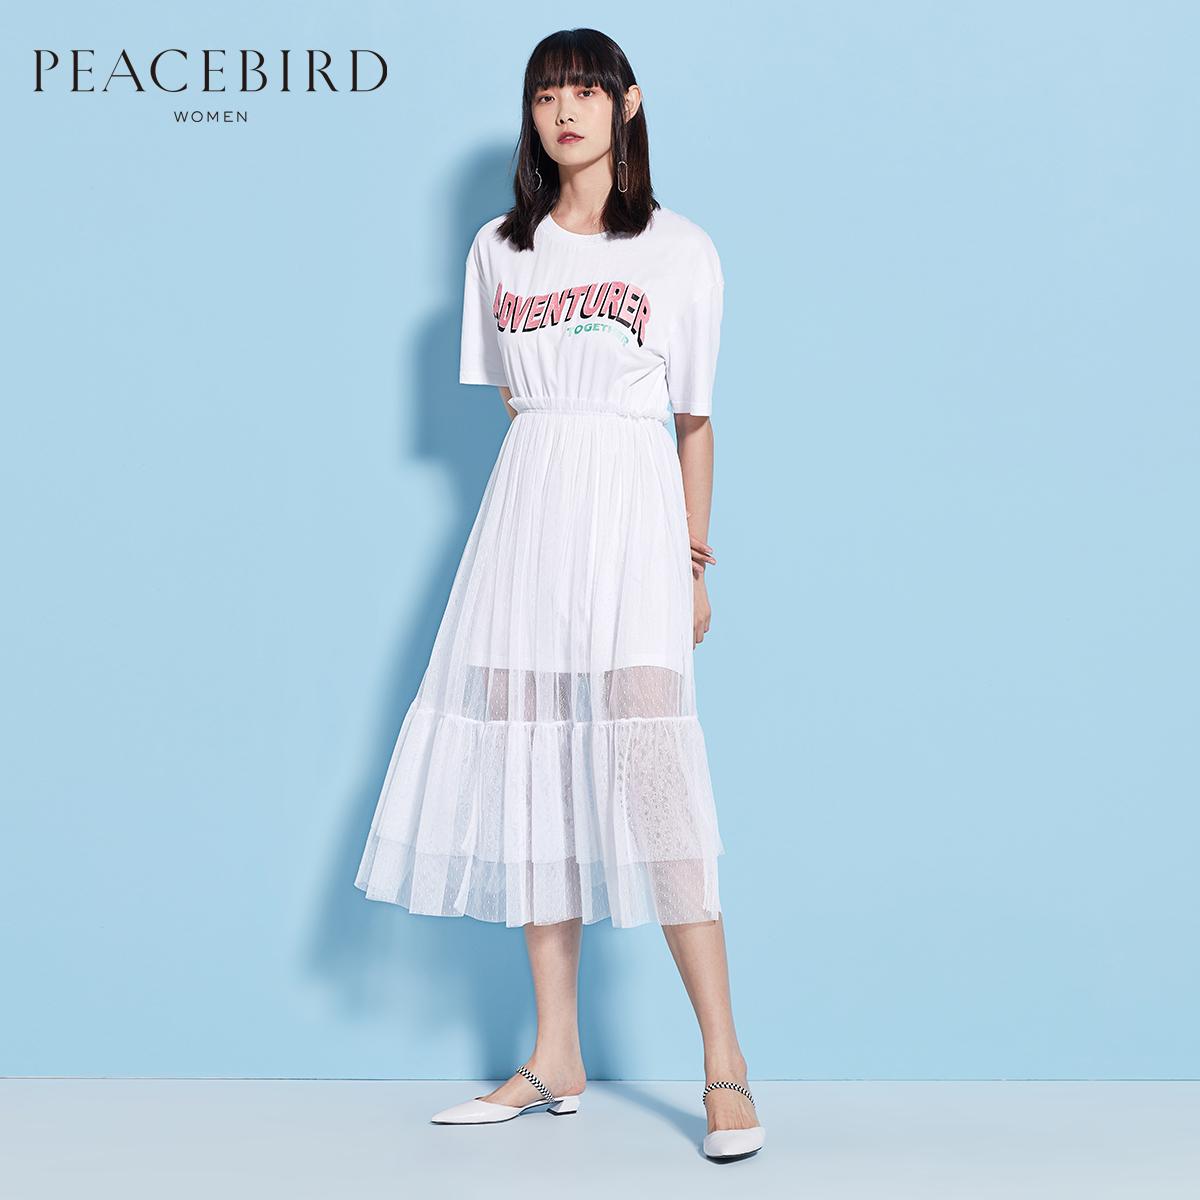 网纱T恤拼接连衣裙女夏2018新款白色圆领字母短袖连体裙太平鸟女